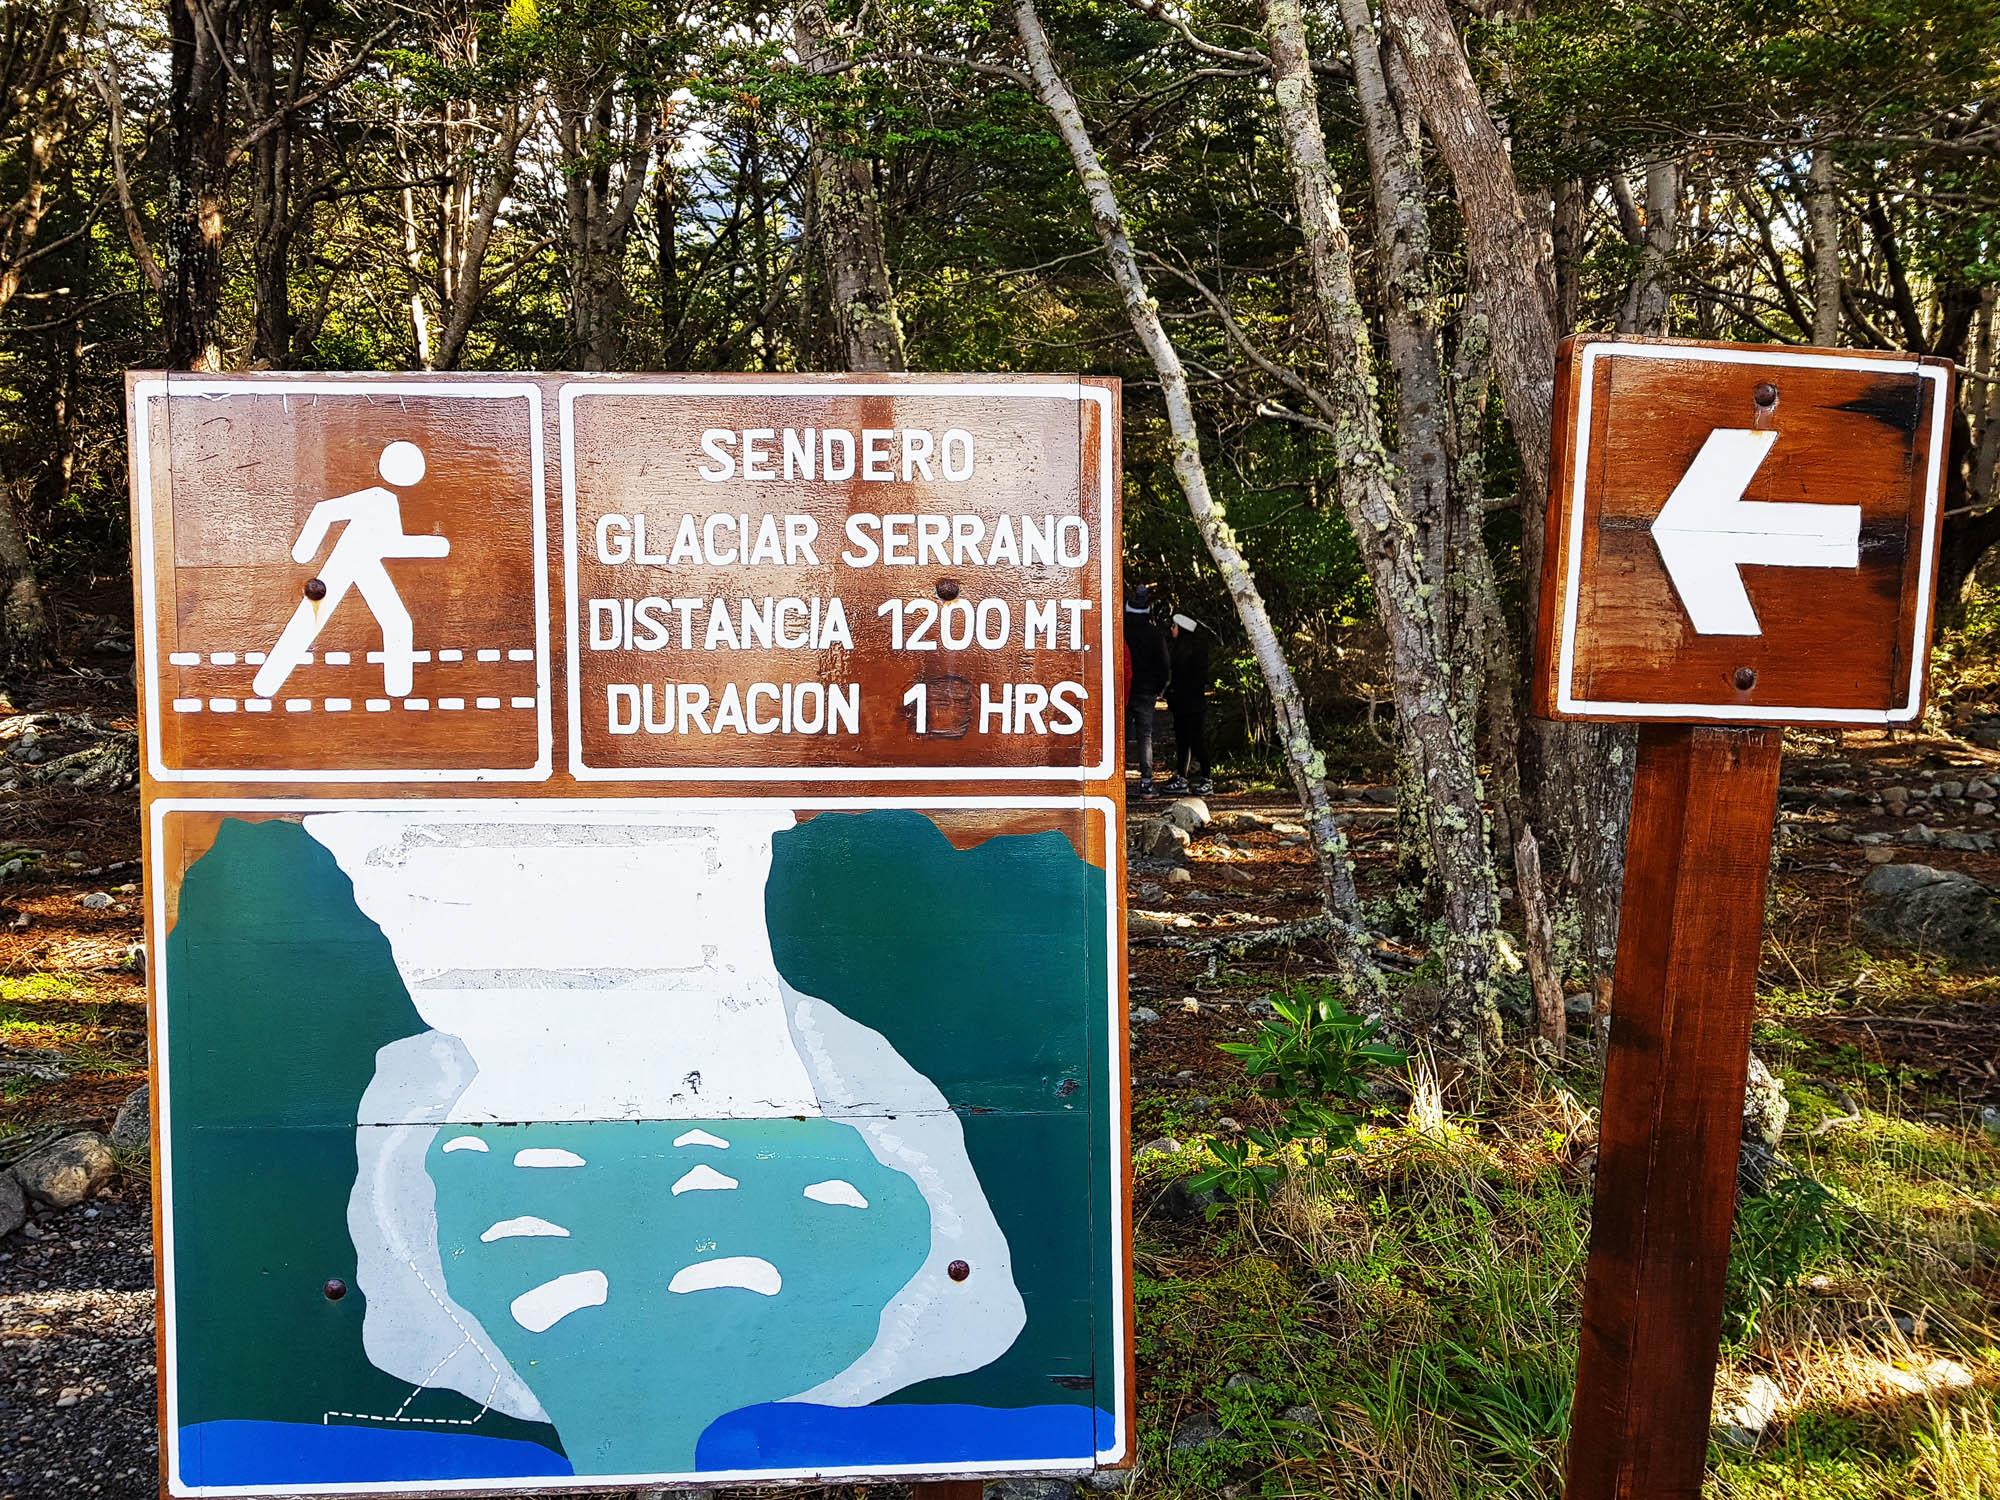 Von der Anlegestelle führte ein malerischer Fußweg zum Serrano-Gletscher